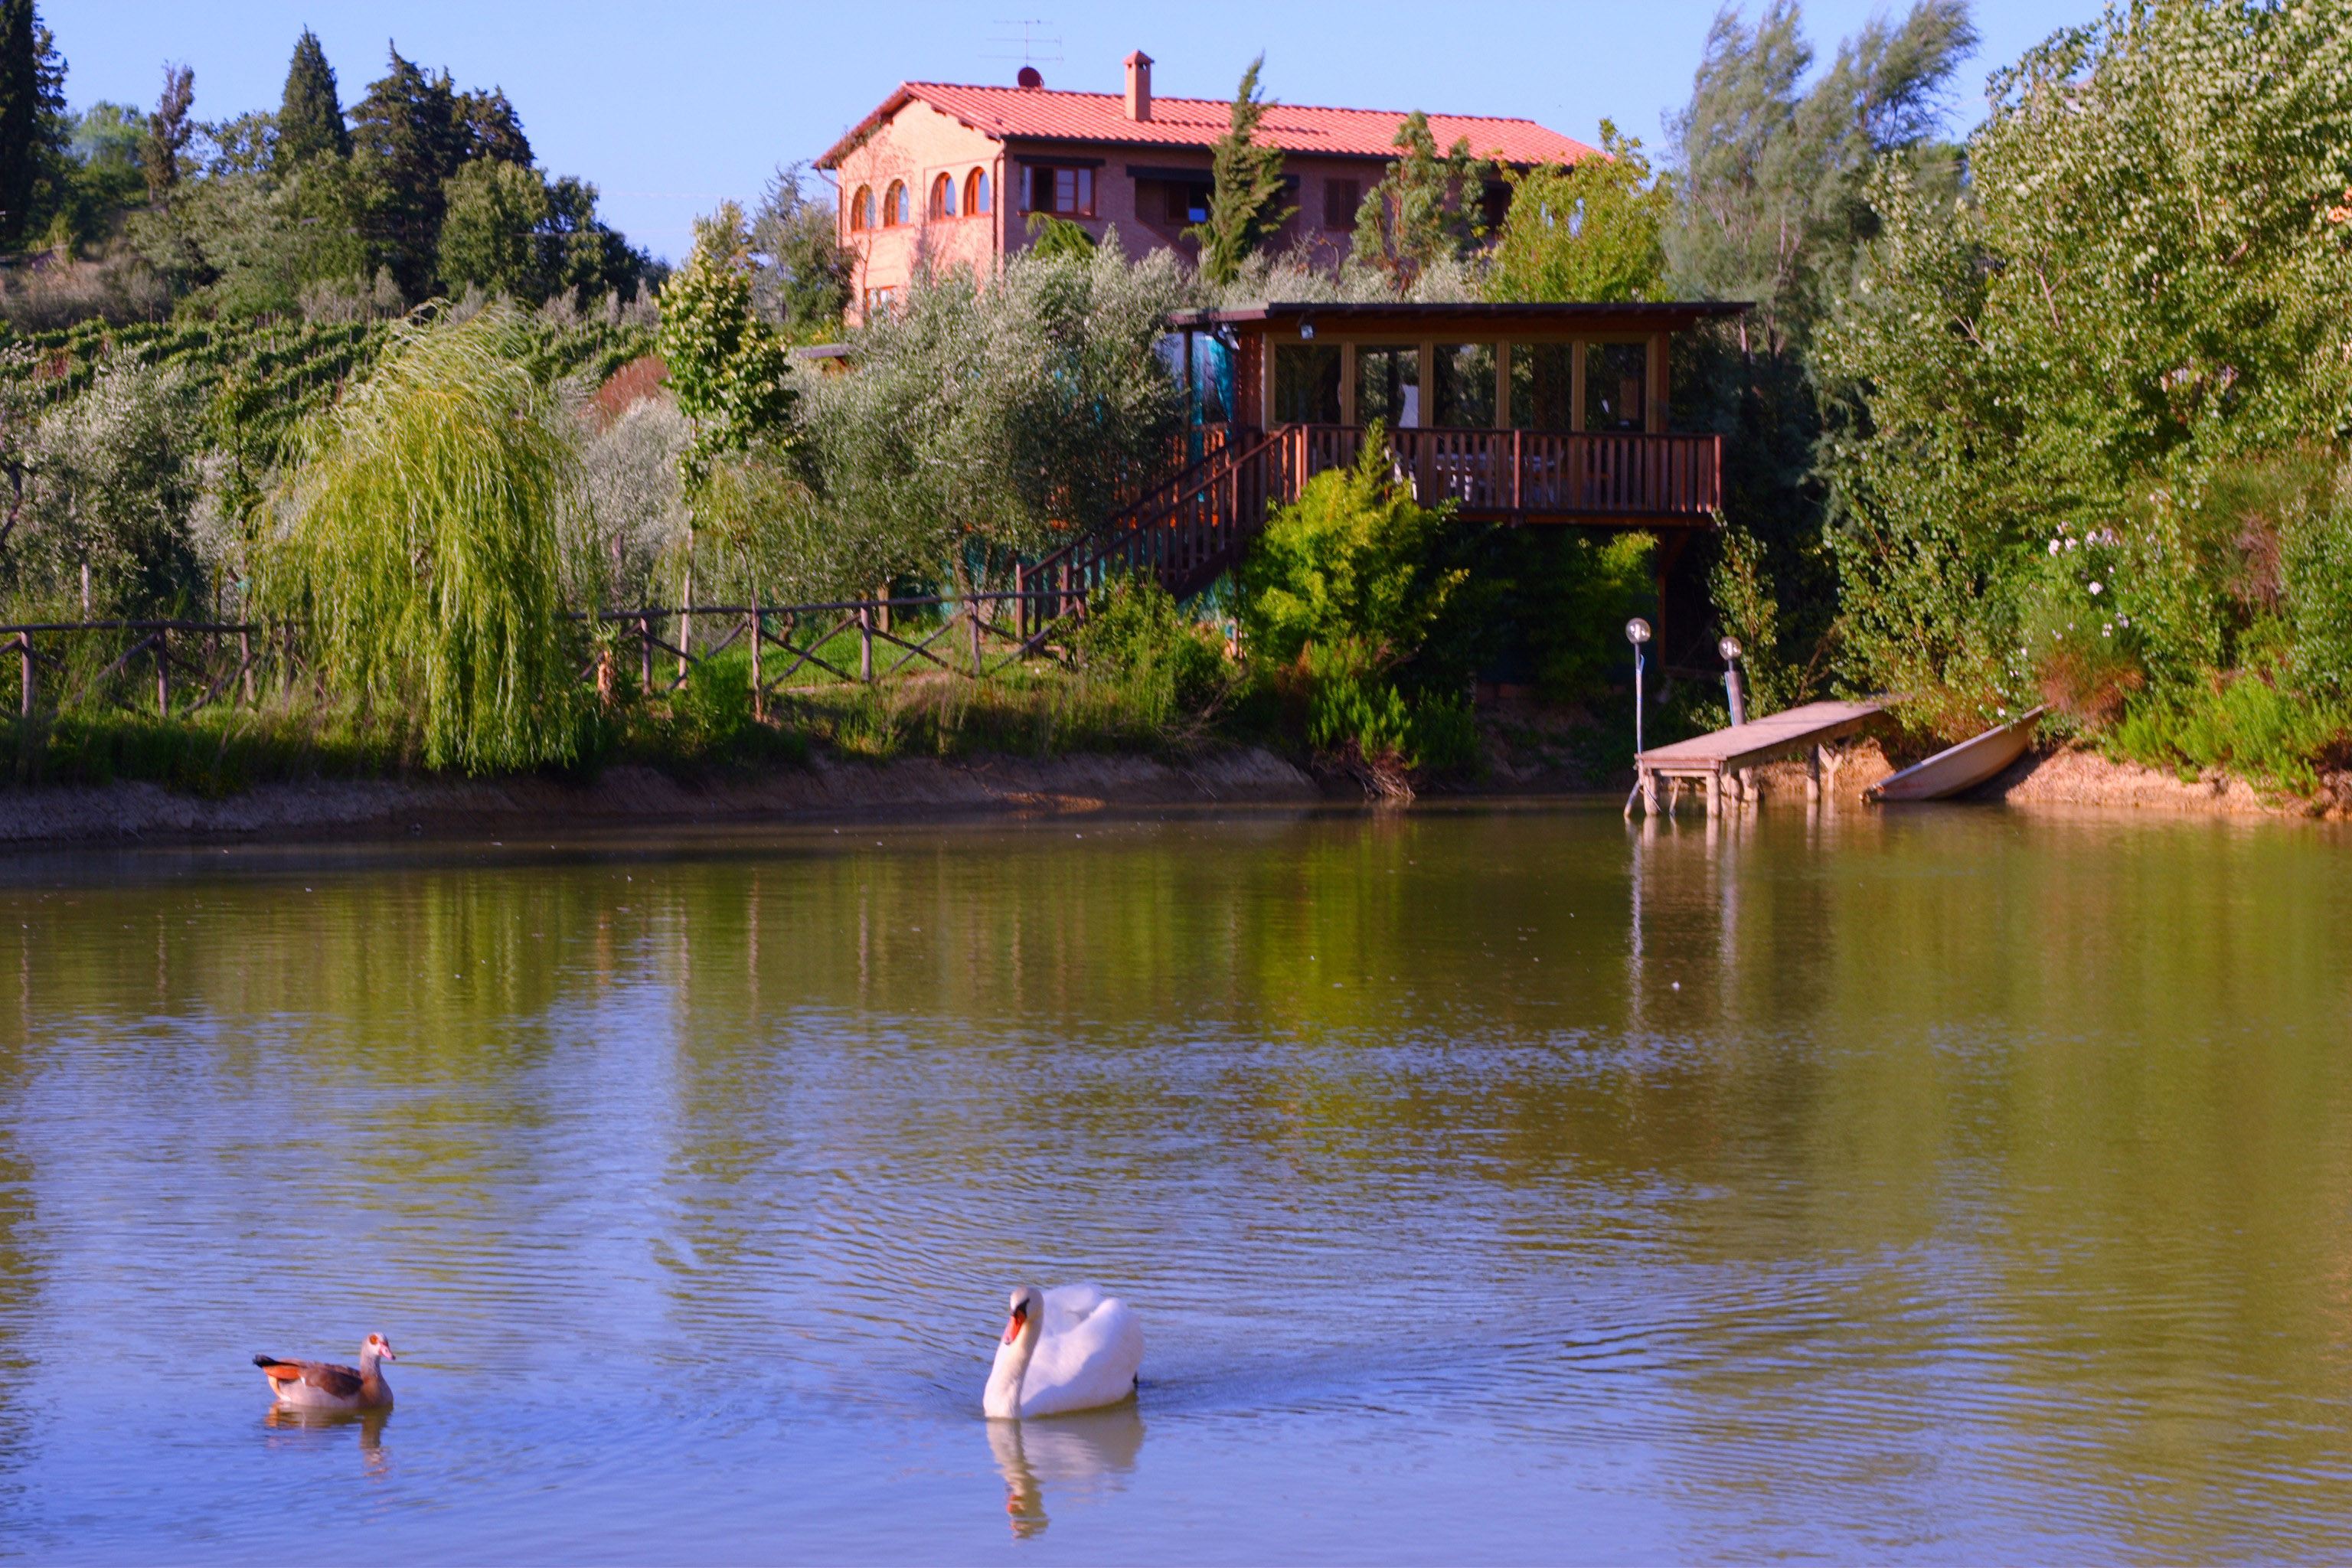 Agriturismo Cameli, immerso tra le colline del Chianti fiorentino.